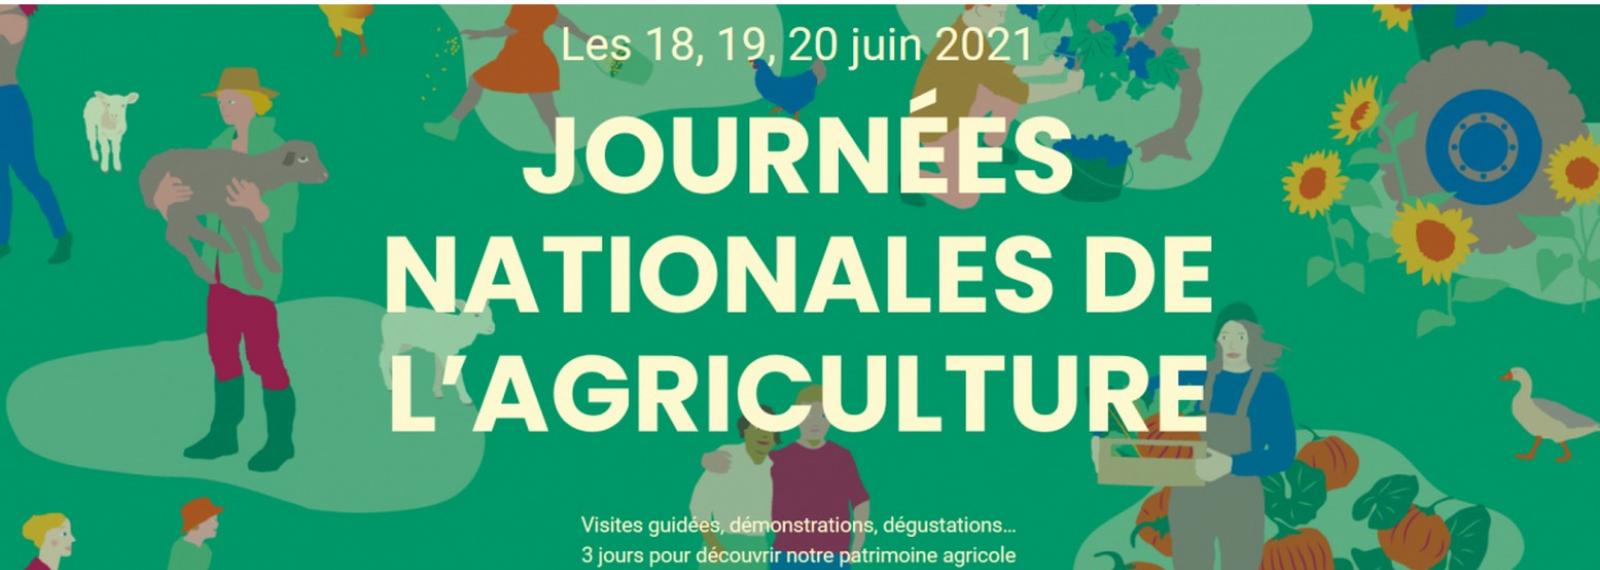 Journées nationales de l'Agriculture à Saint-Rémy-de-Provence